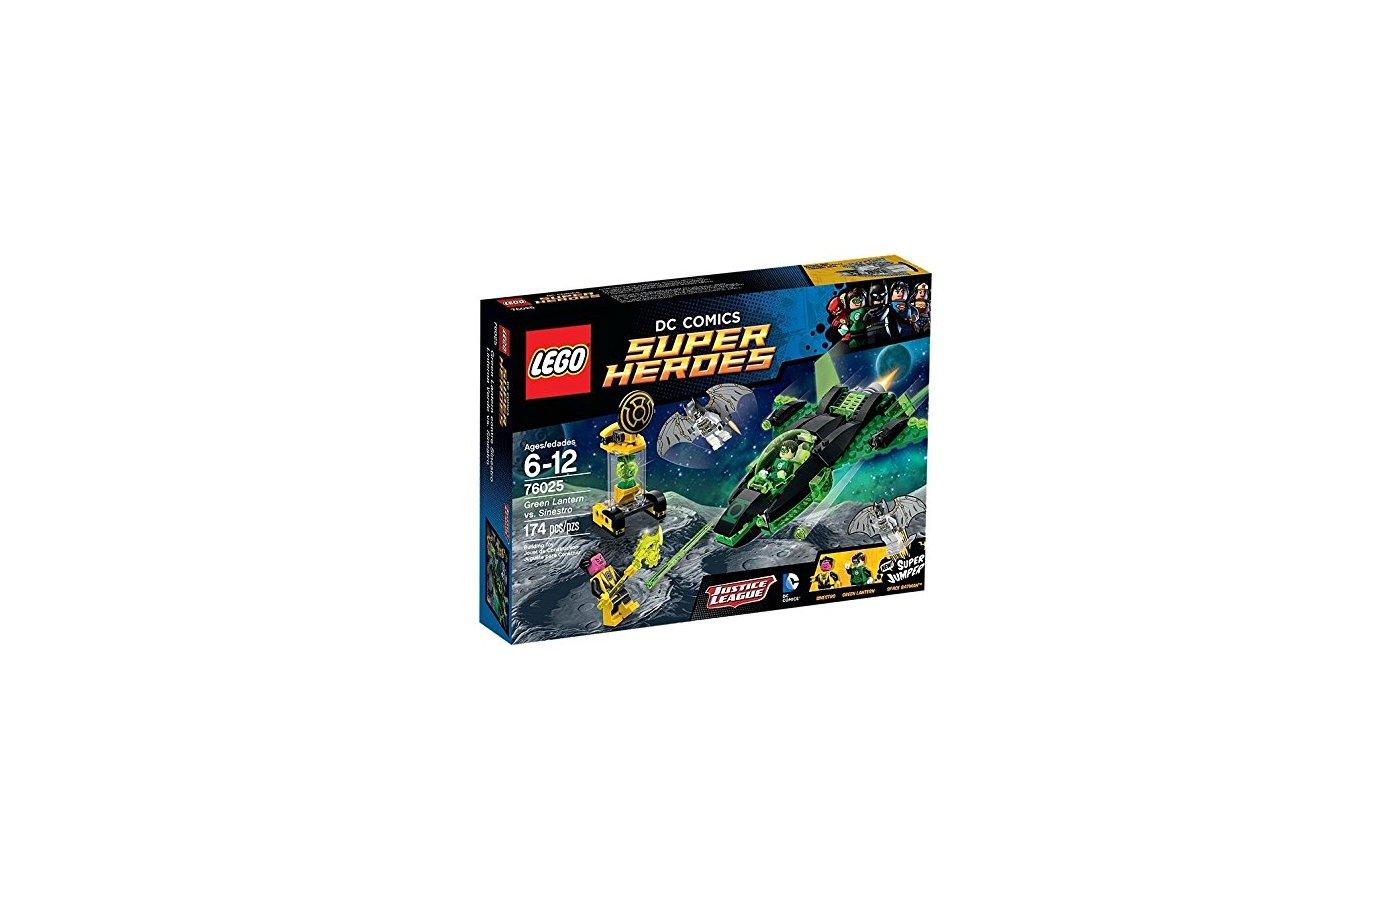 Конструктор Lego 76025 Супер герои Зеленый Фонарь против Синестро